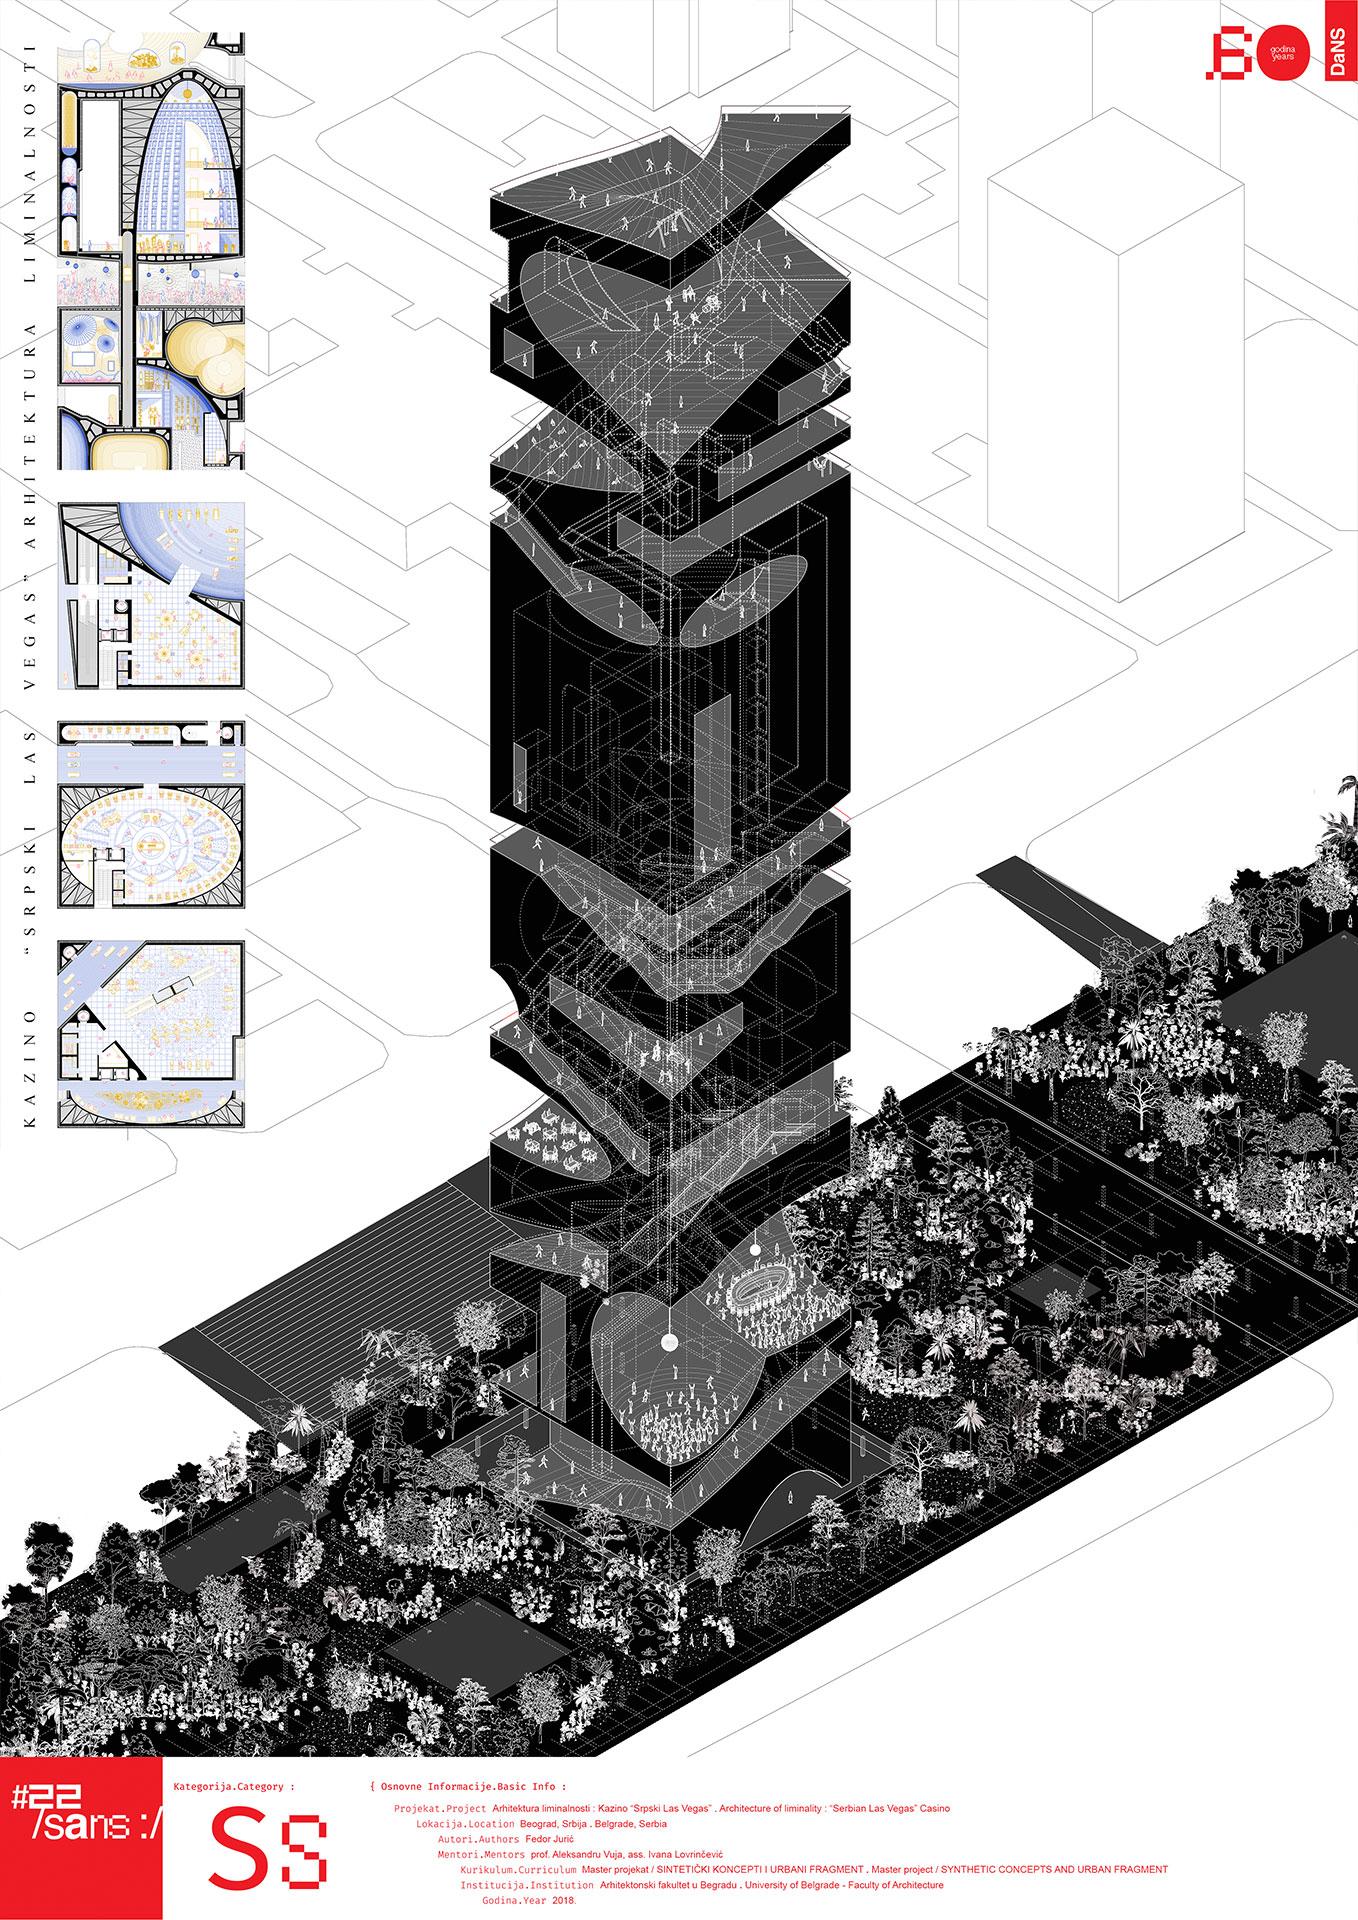 """<p class=""""naslov-br"""">ss36</p>Arhitektura liminalnosti : Kazino """"Srpski Las Vegas"""" // Architecture of Liminality : Casino """"Serbian Las Vegas"""""""